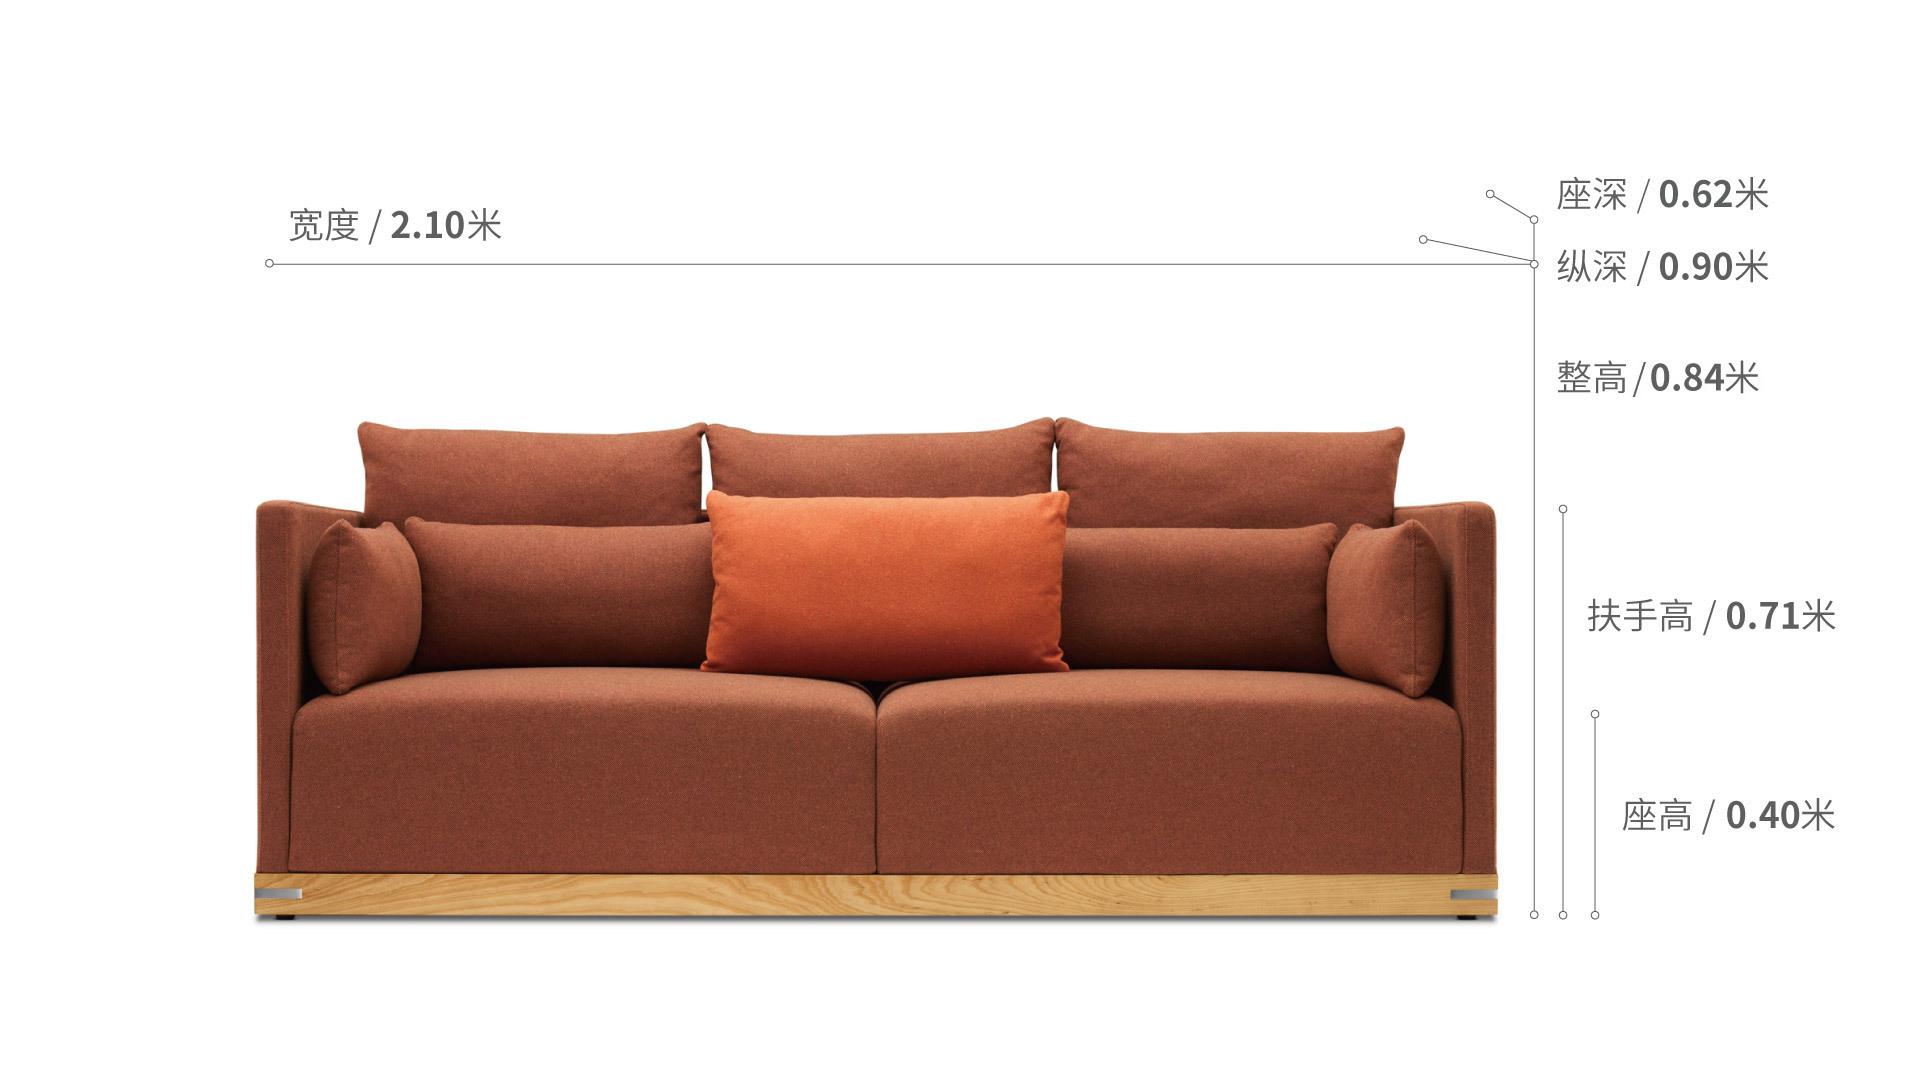 造作远山沙发®三人座沙发效果图